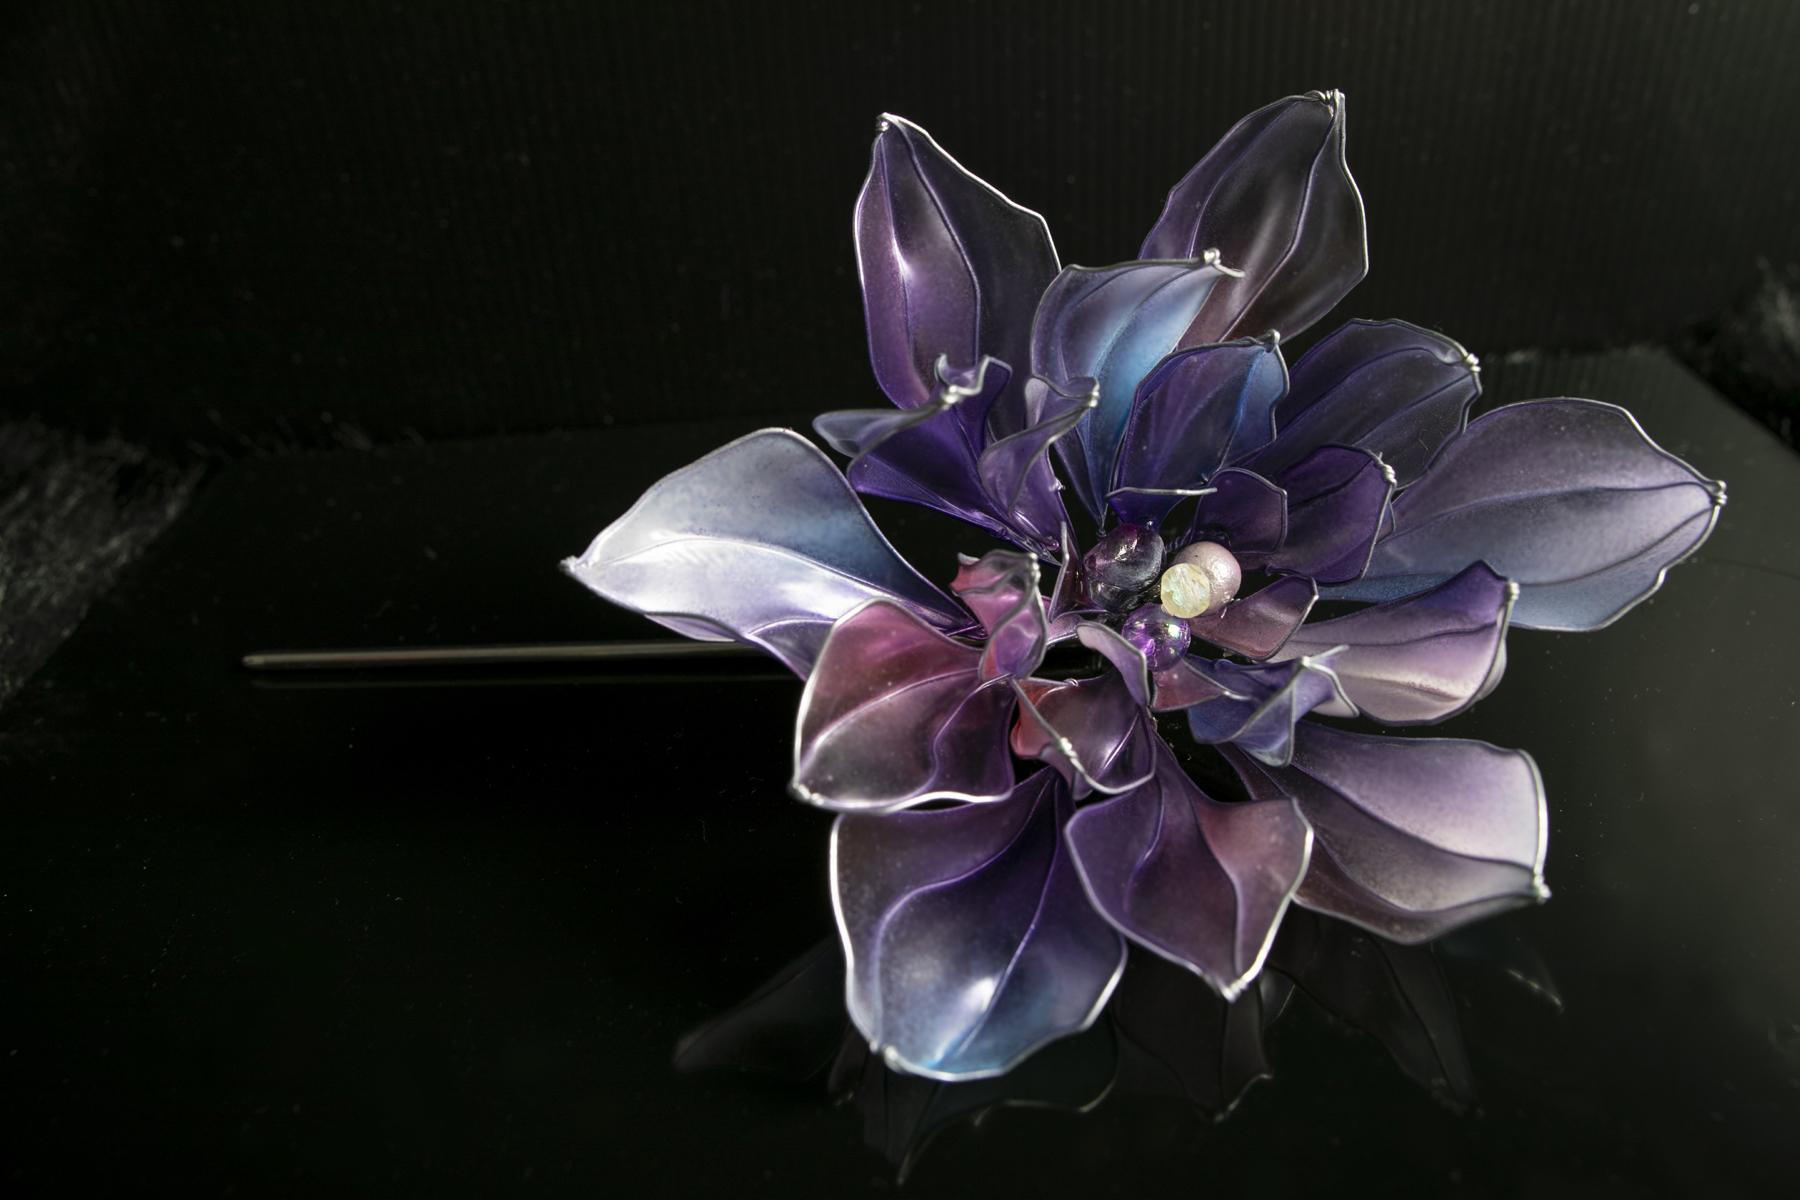 【仙桃】ー至極色 Extreme purple